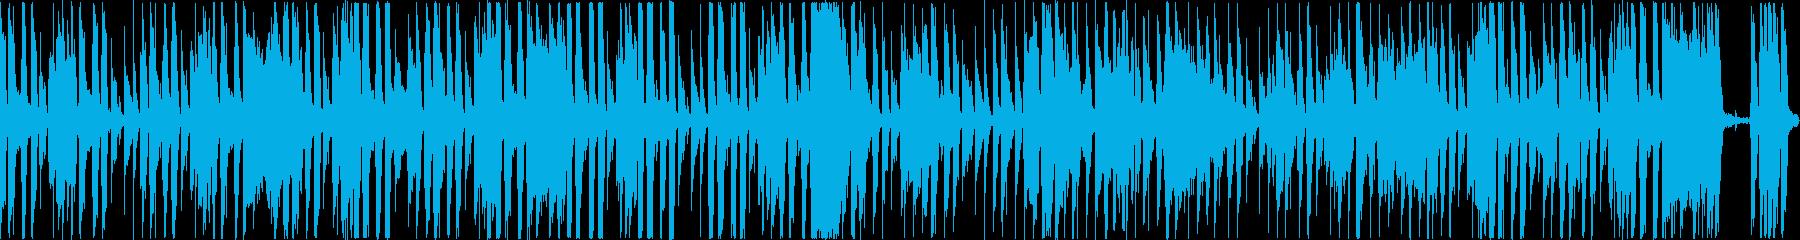 ぎこちない感じのファンキーなジャズの再生済みの波形